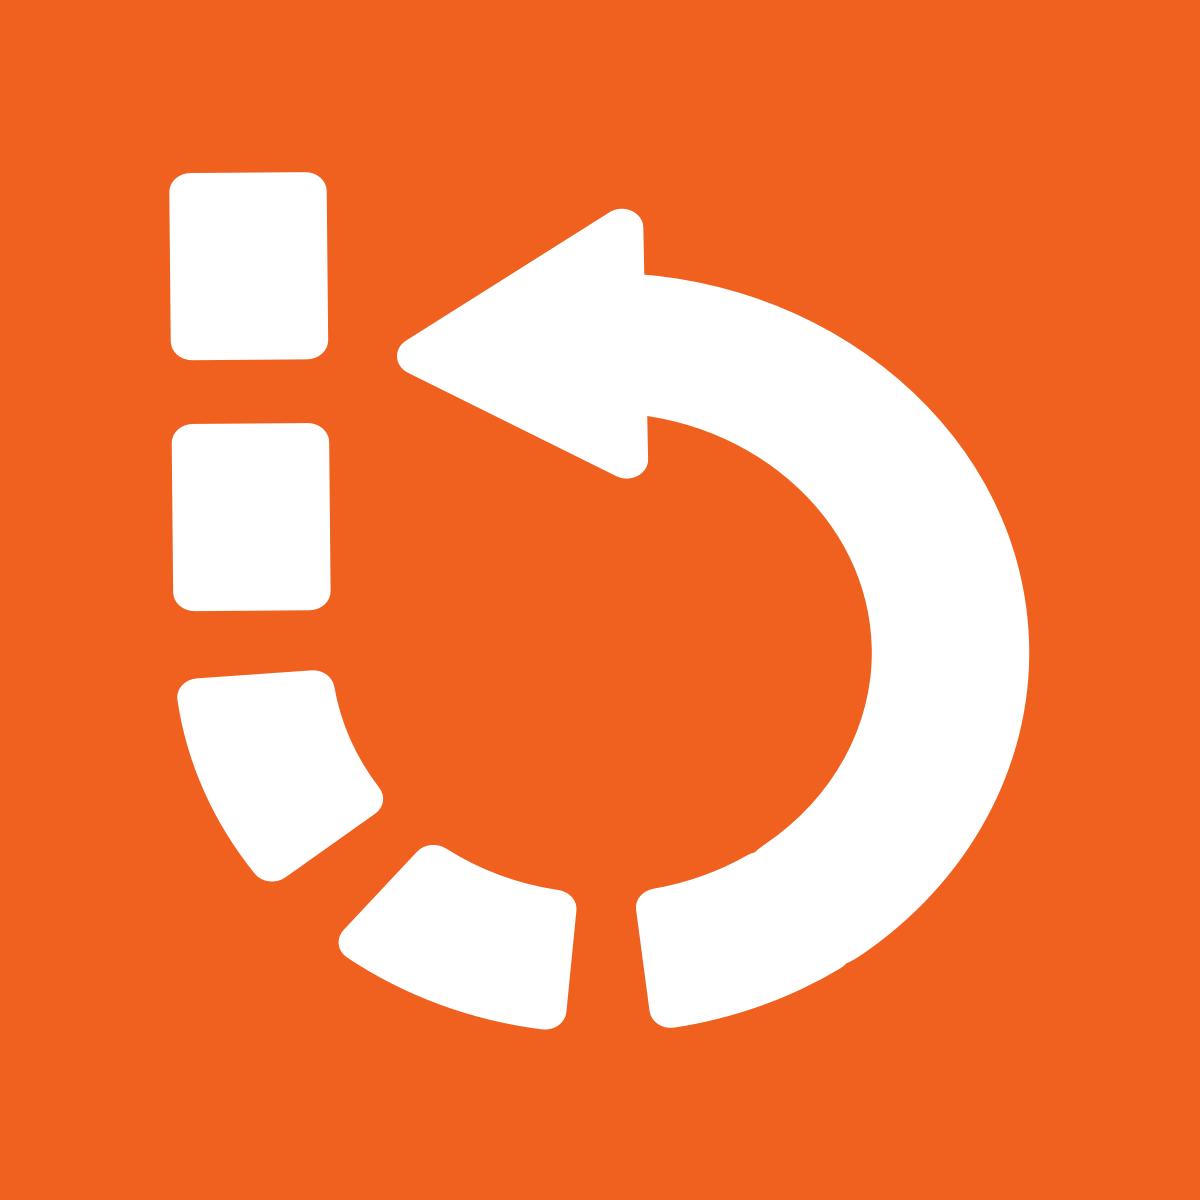 Back in Stock logo